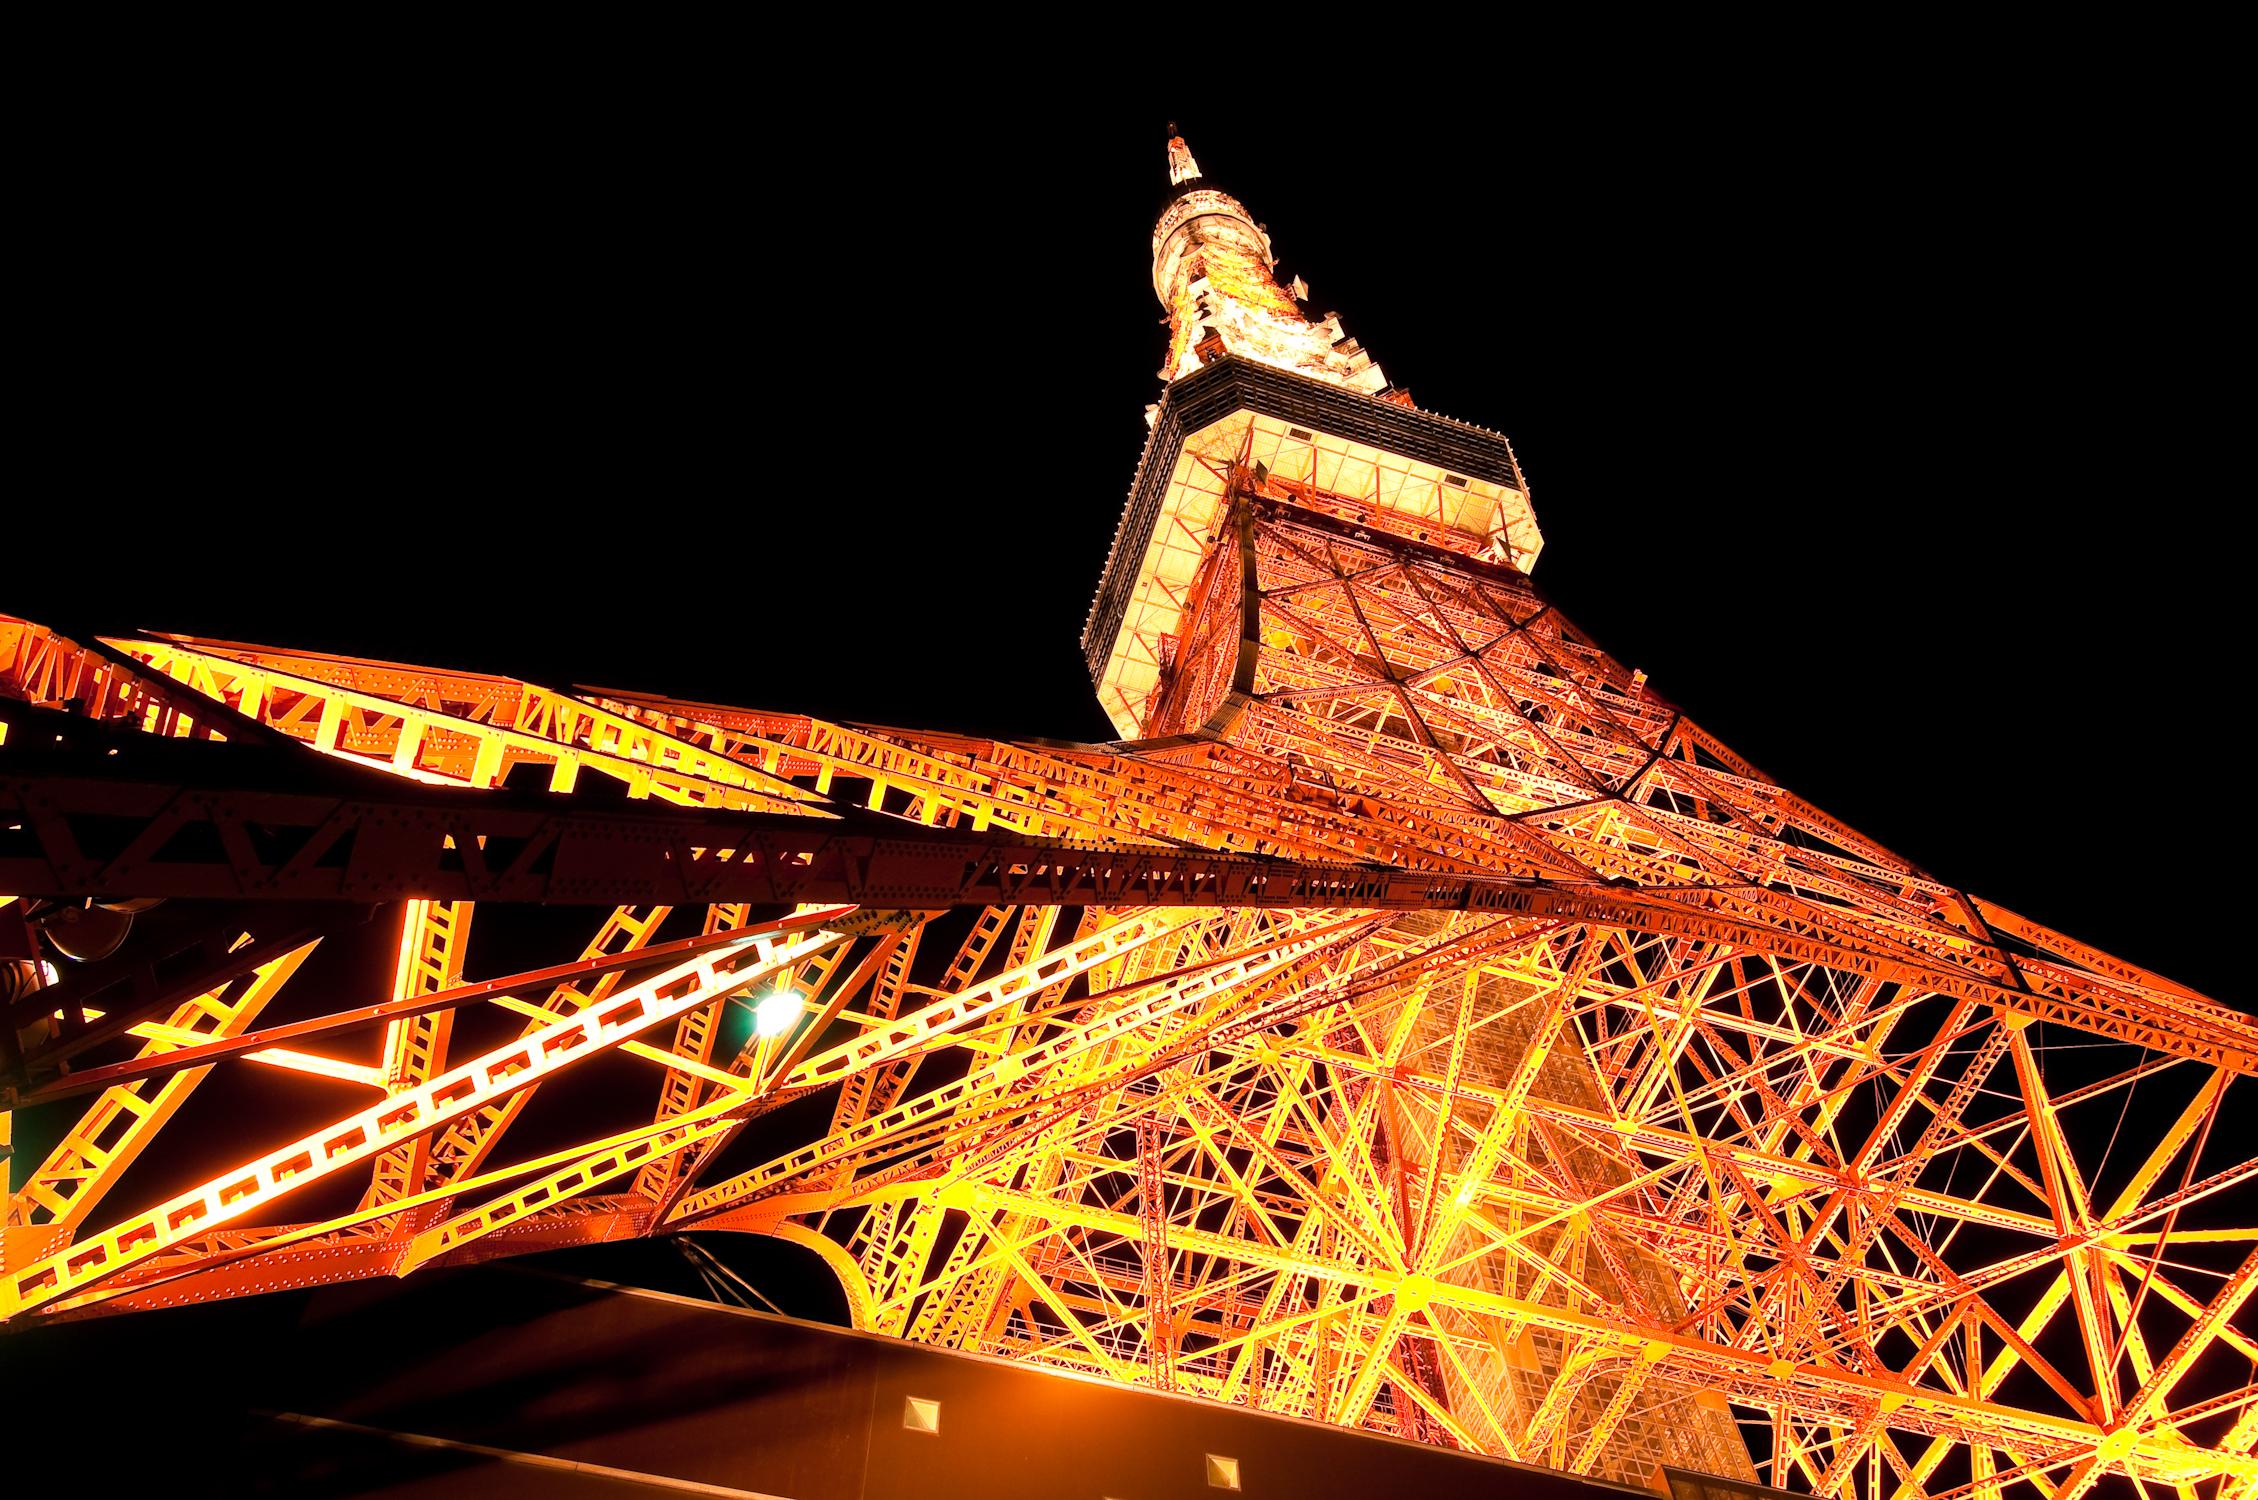 9/21当日は、東京タワーから配信イベント。トーク、キャンドルナイト、ライブ…などさまざまコンテンツを展開